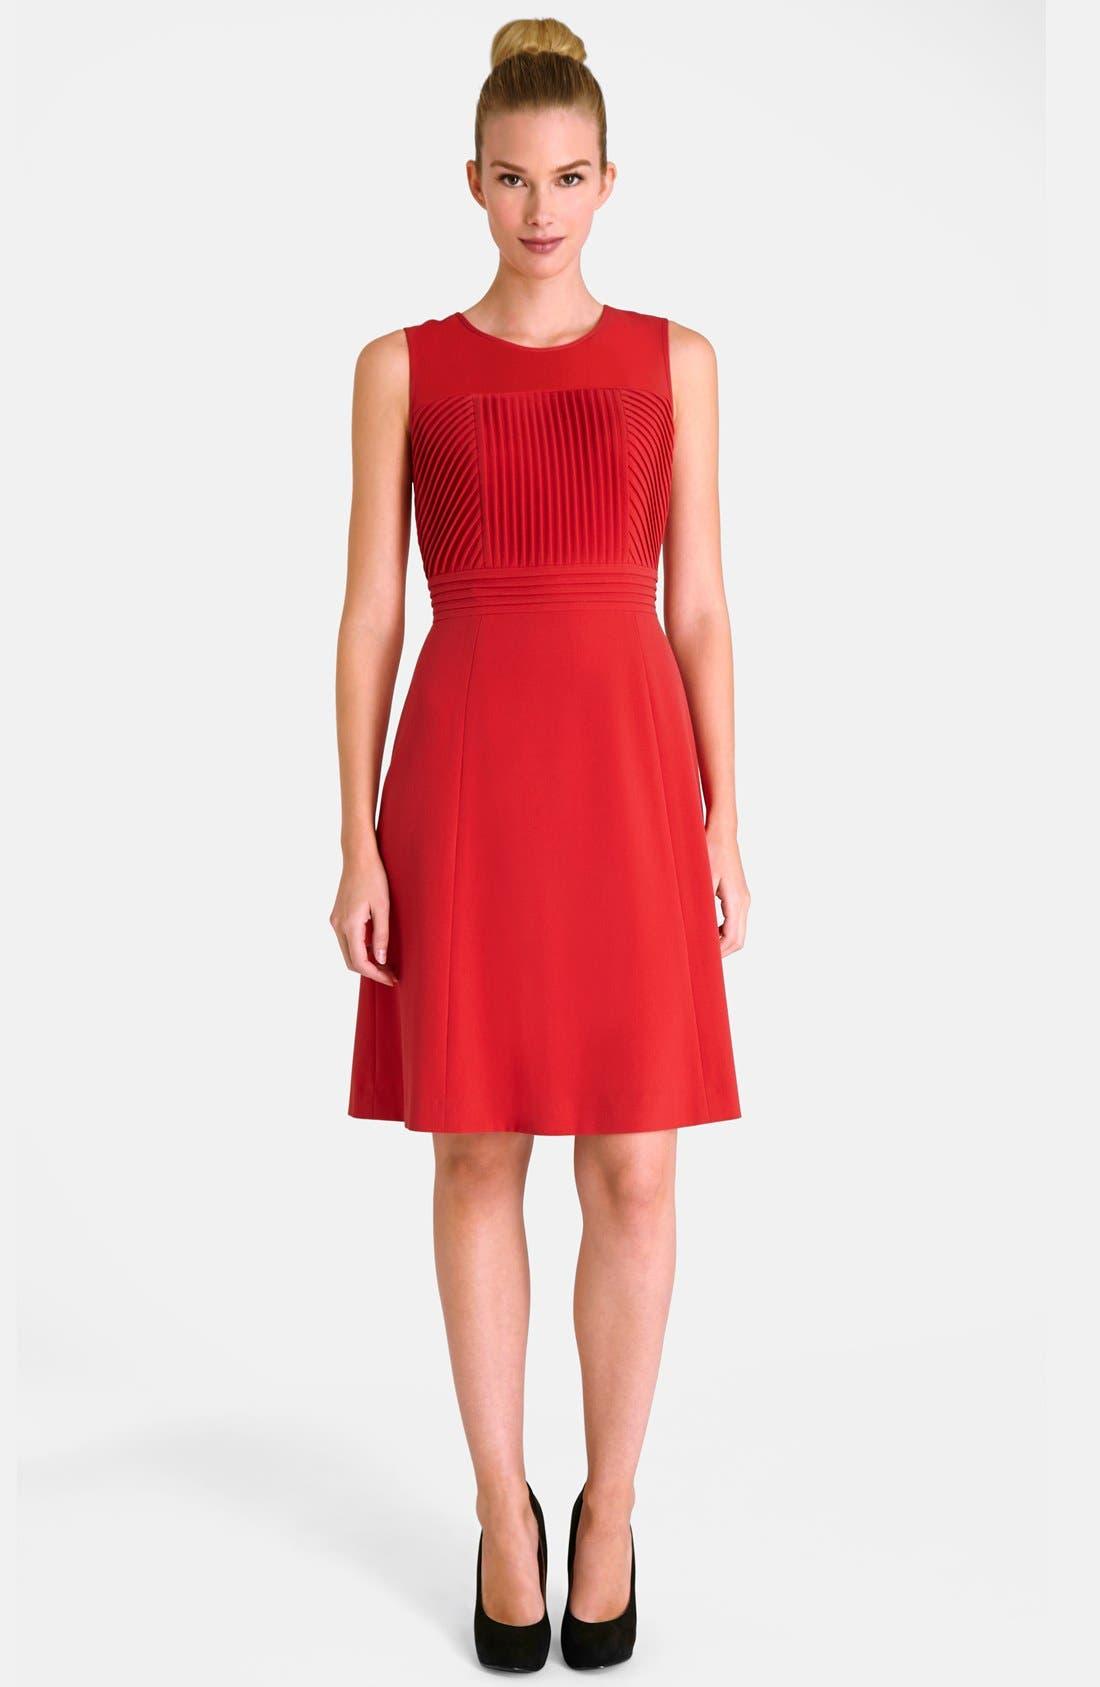 Main Image - Tahari Stretch Knit Fit & Flare Dress (Petite)